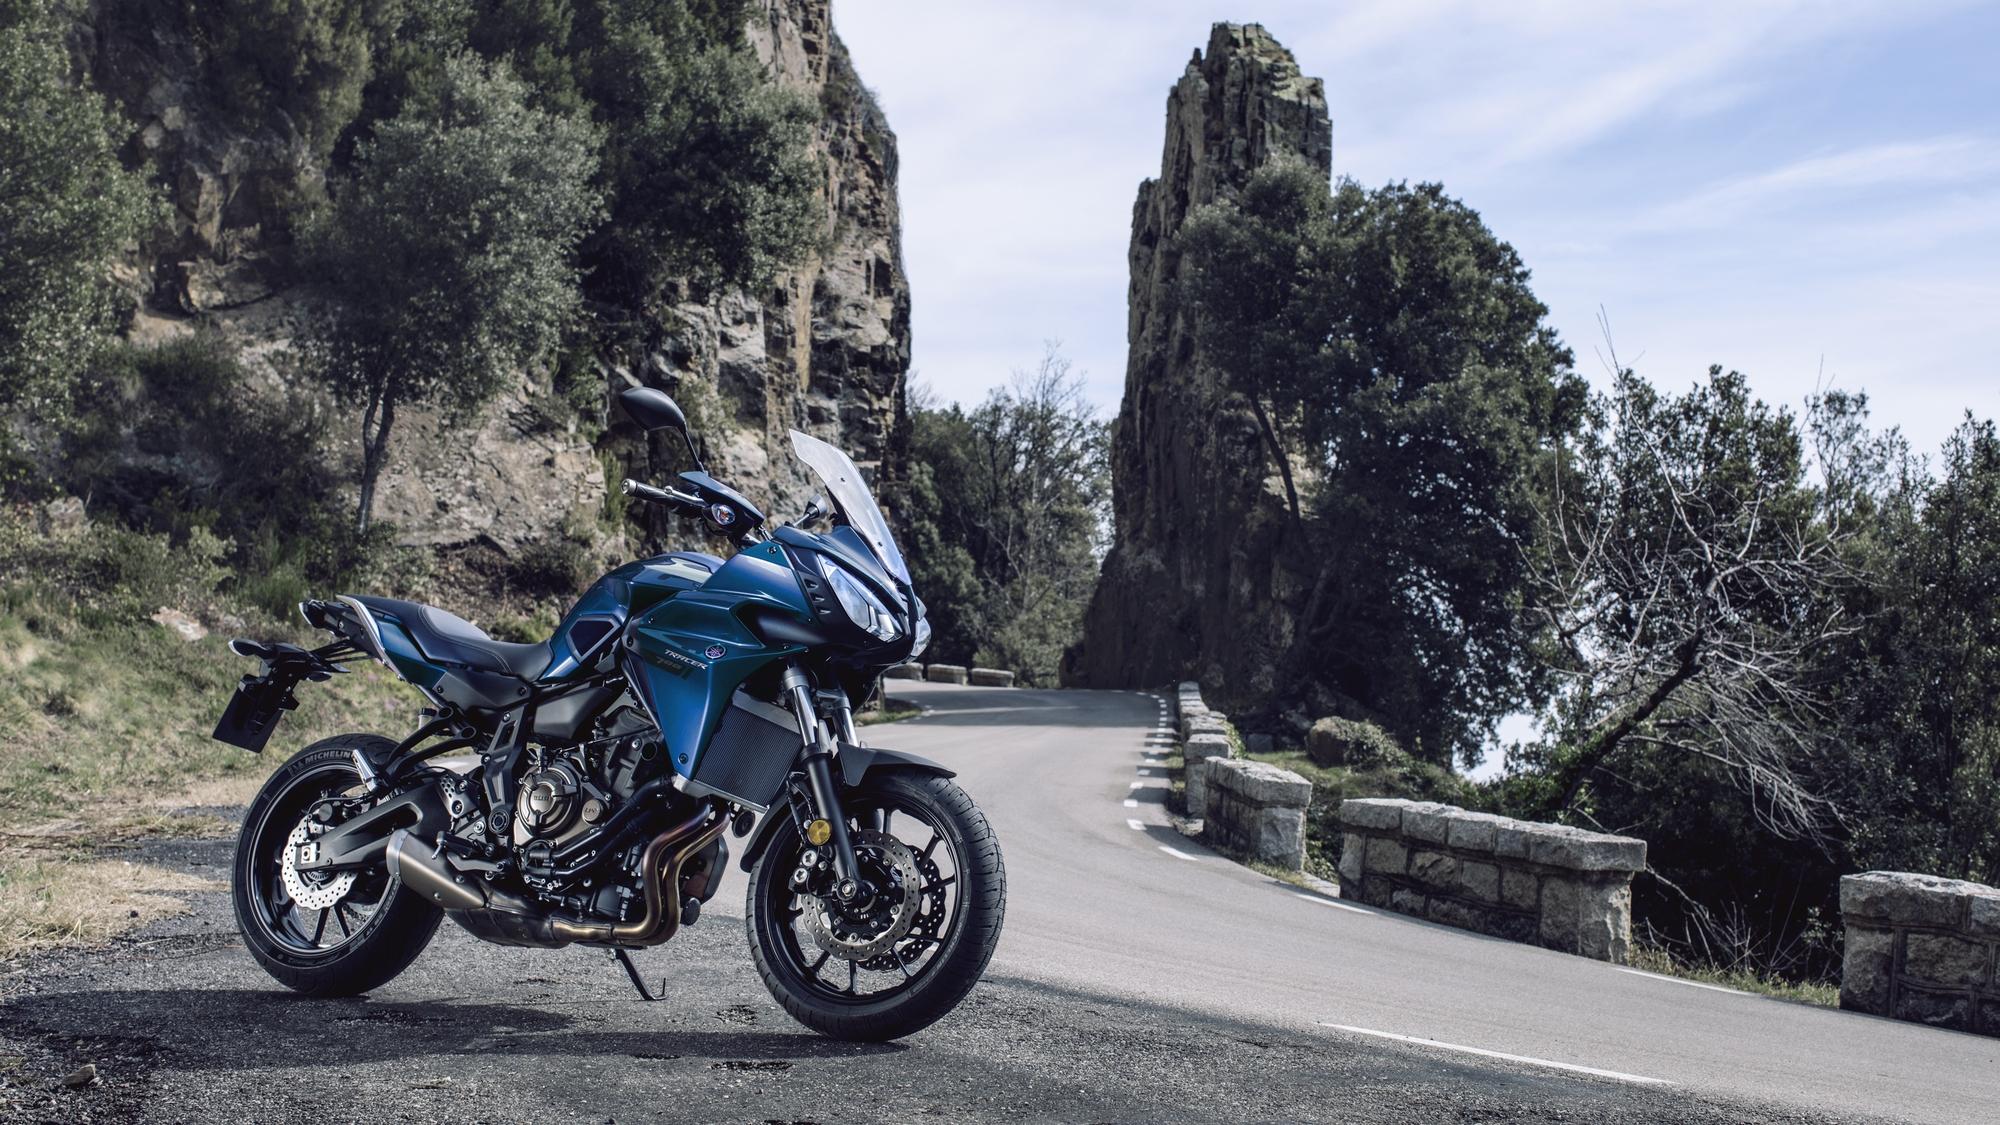 Tracer 700 2018 Eduardo Castro Motos Distribuidor Oficial Yamaha